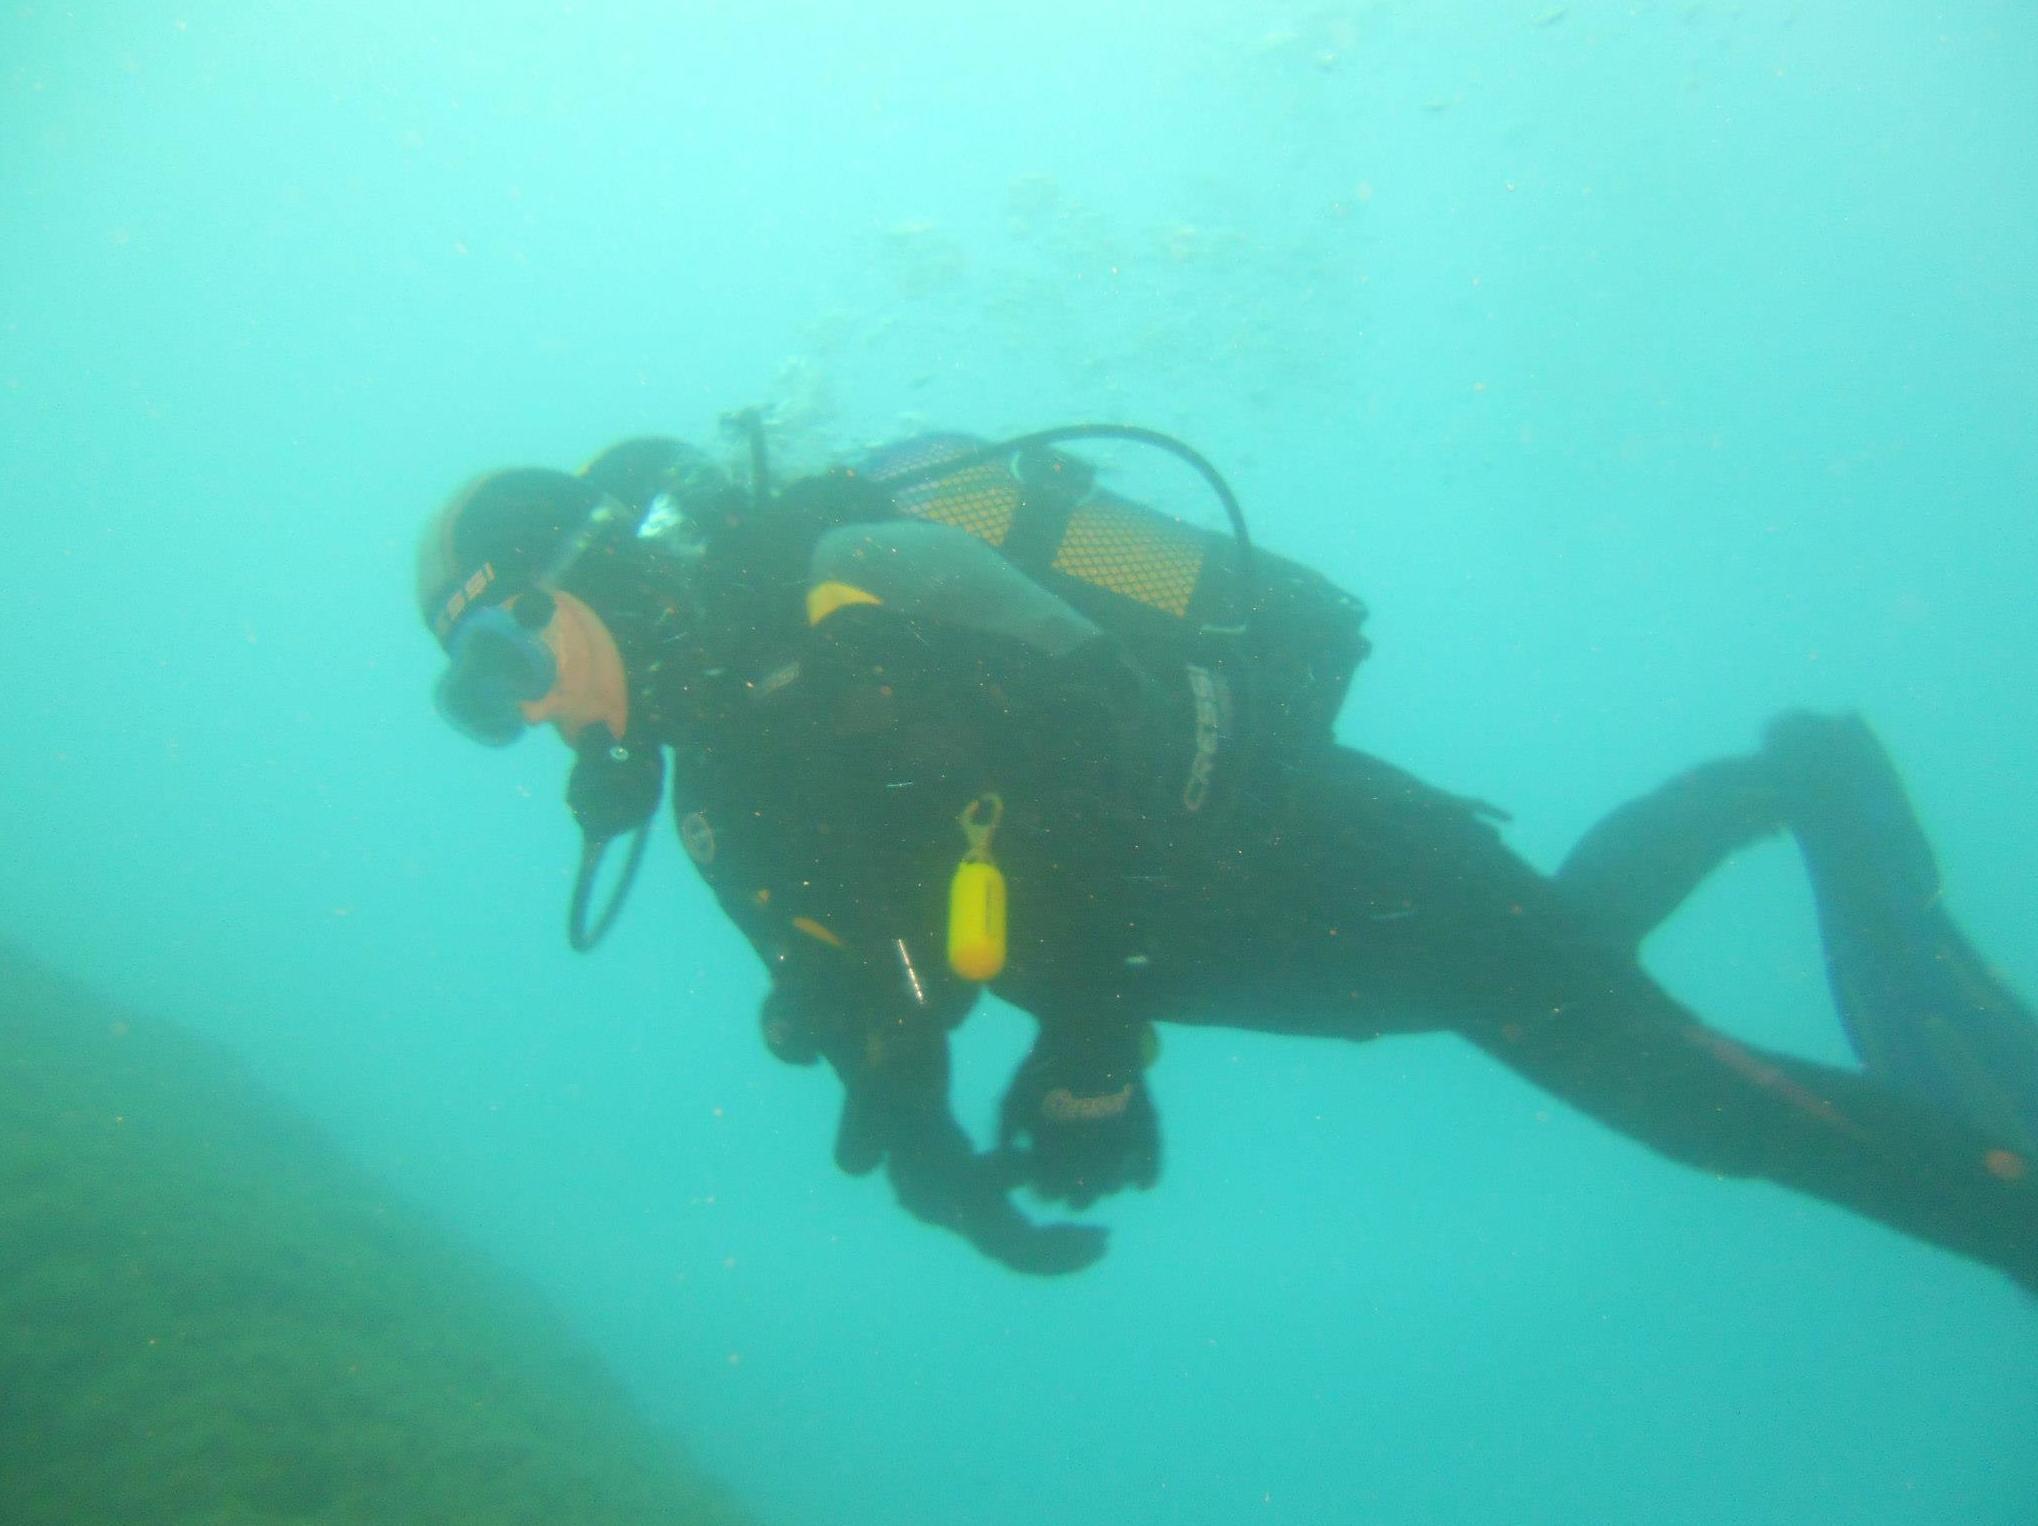 Amplia experiencia en cursos de submarinismo